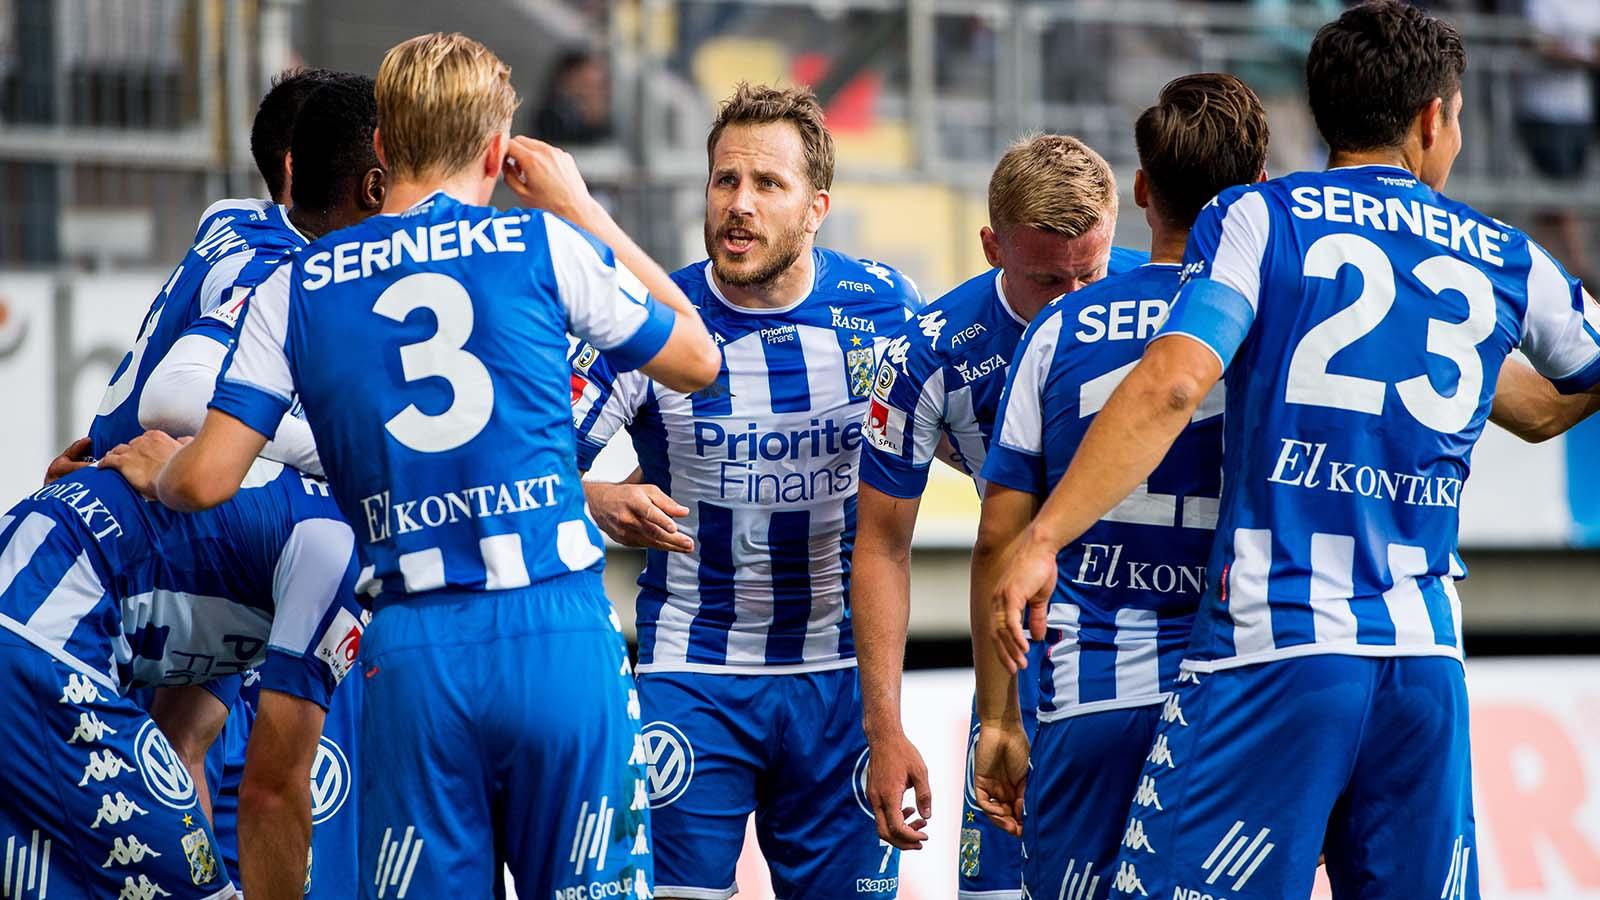 180714 IFK Göteborgs Tobias Hysén efter 1-0 under fotbollsmatchen i Allsvenskan mellan IFK Göteborg och Örebro den 14 juli 2018 i Göteborg. Foto: Krister Andersson / BILDBYRÅN / Kod KA / Cop 147